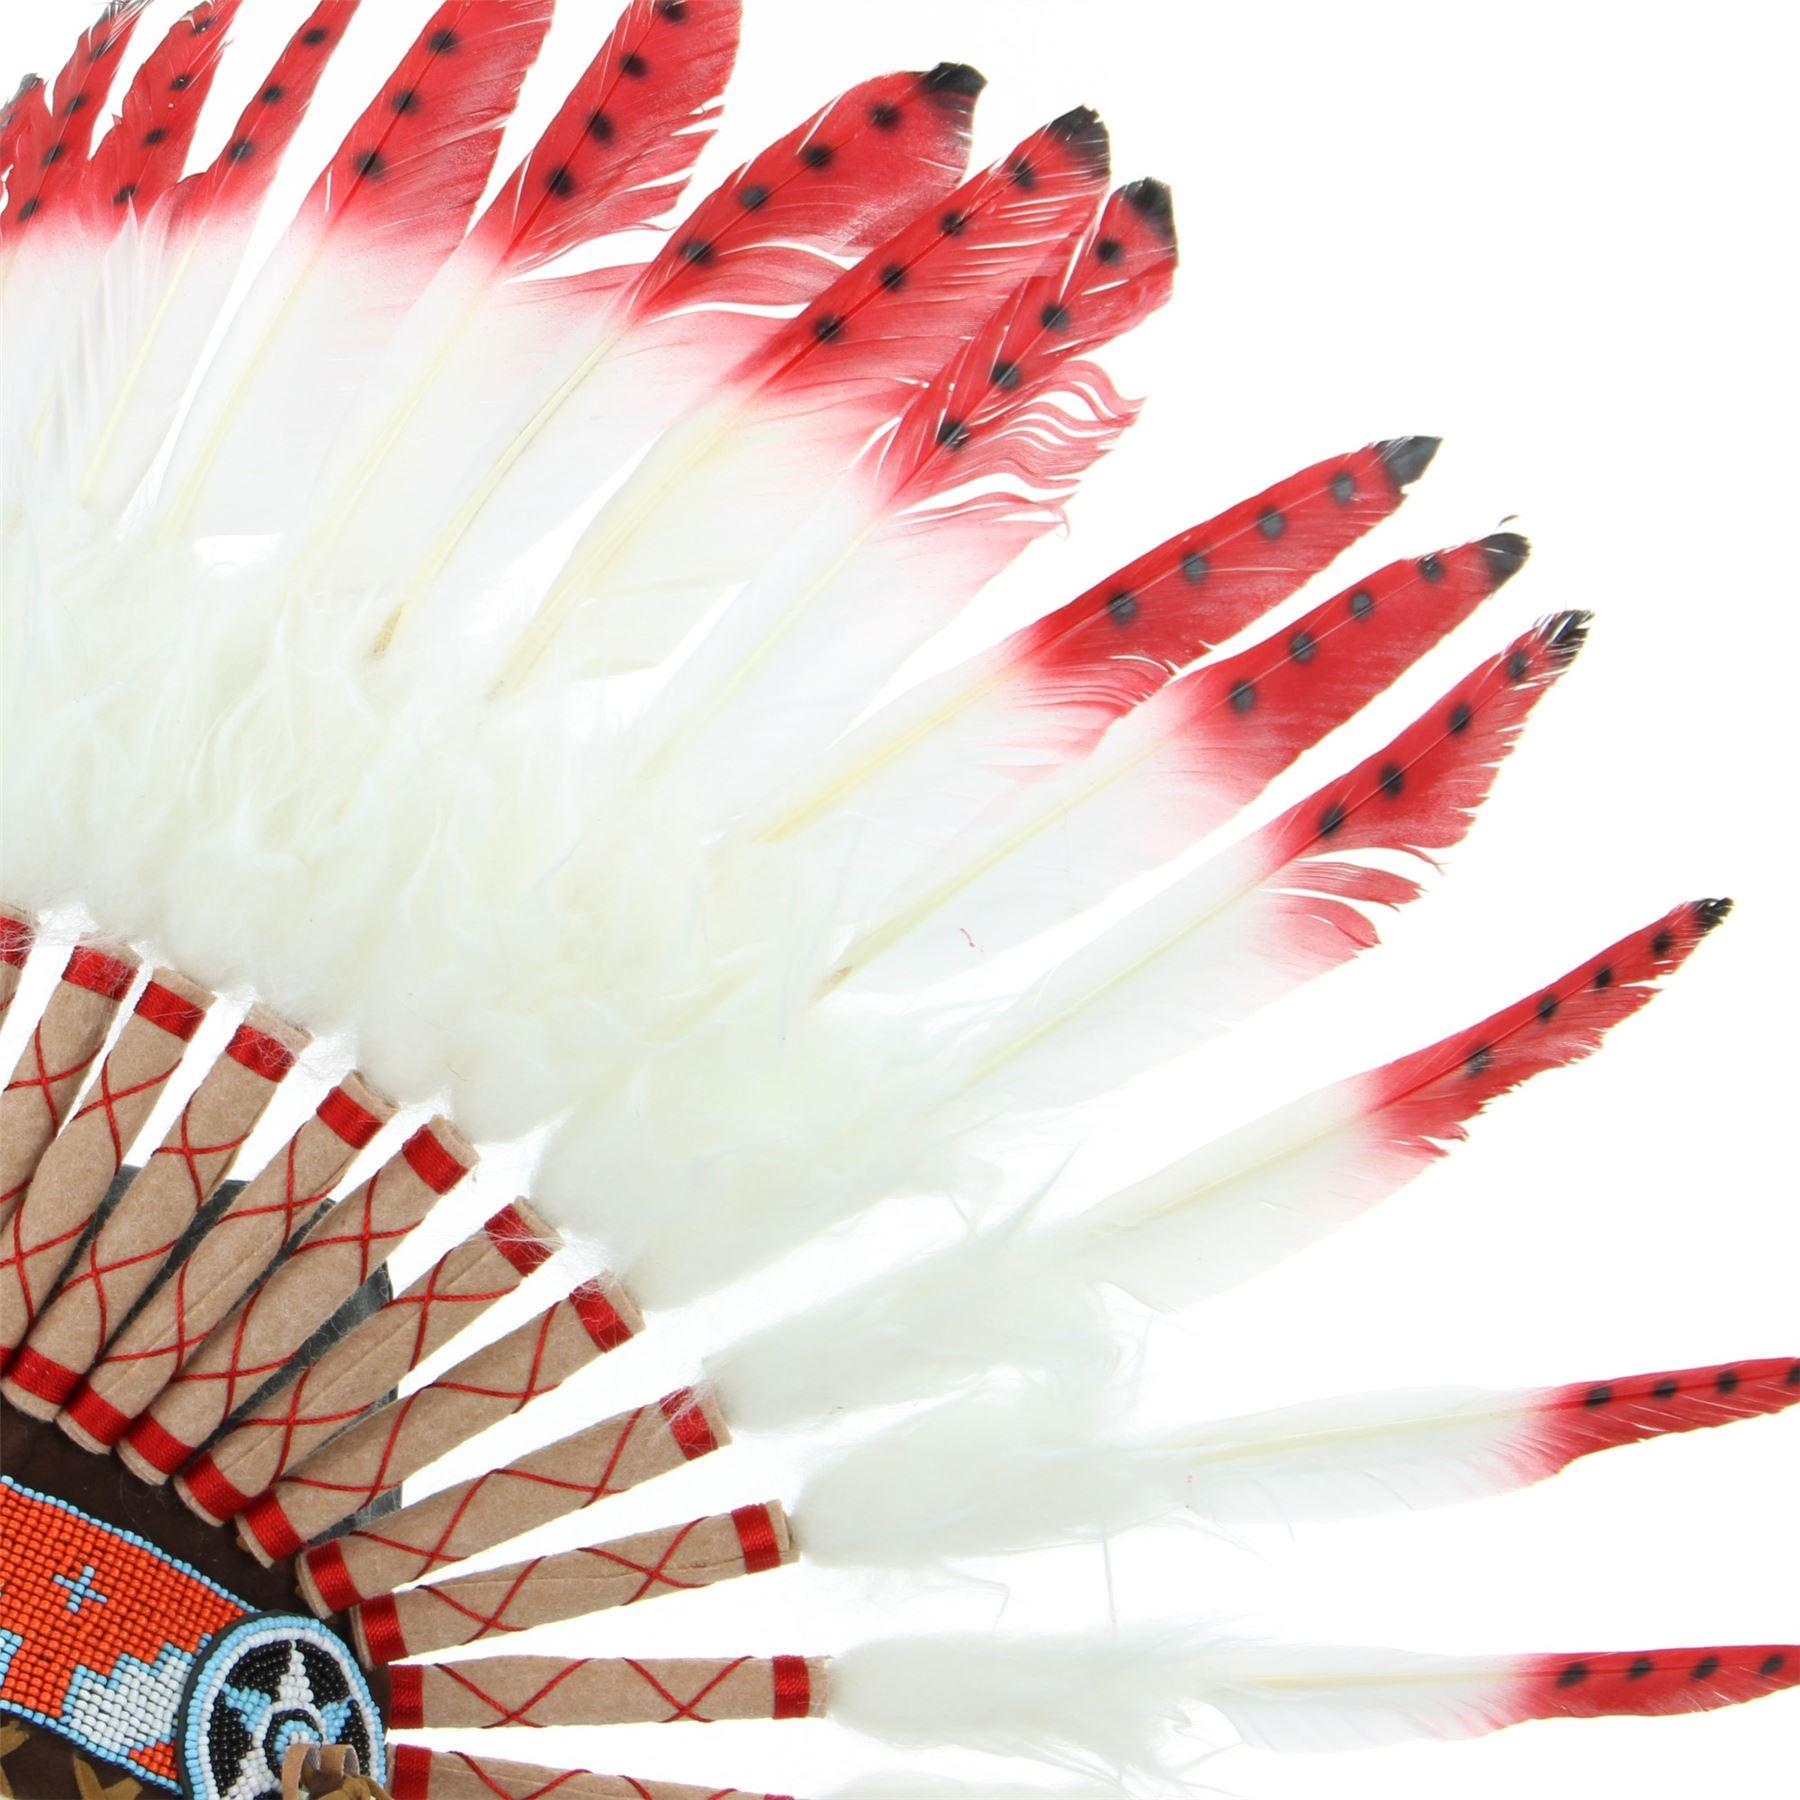 e461349f69a09 Indio tocado jefe plumas sombrero nativo americano Gringo blanco rojo  negro. Acerca de este producto. Imagen 1 de 3  Imagen 2 de 3  Imagen 3 de 3